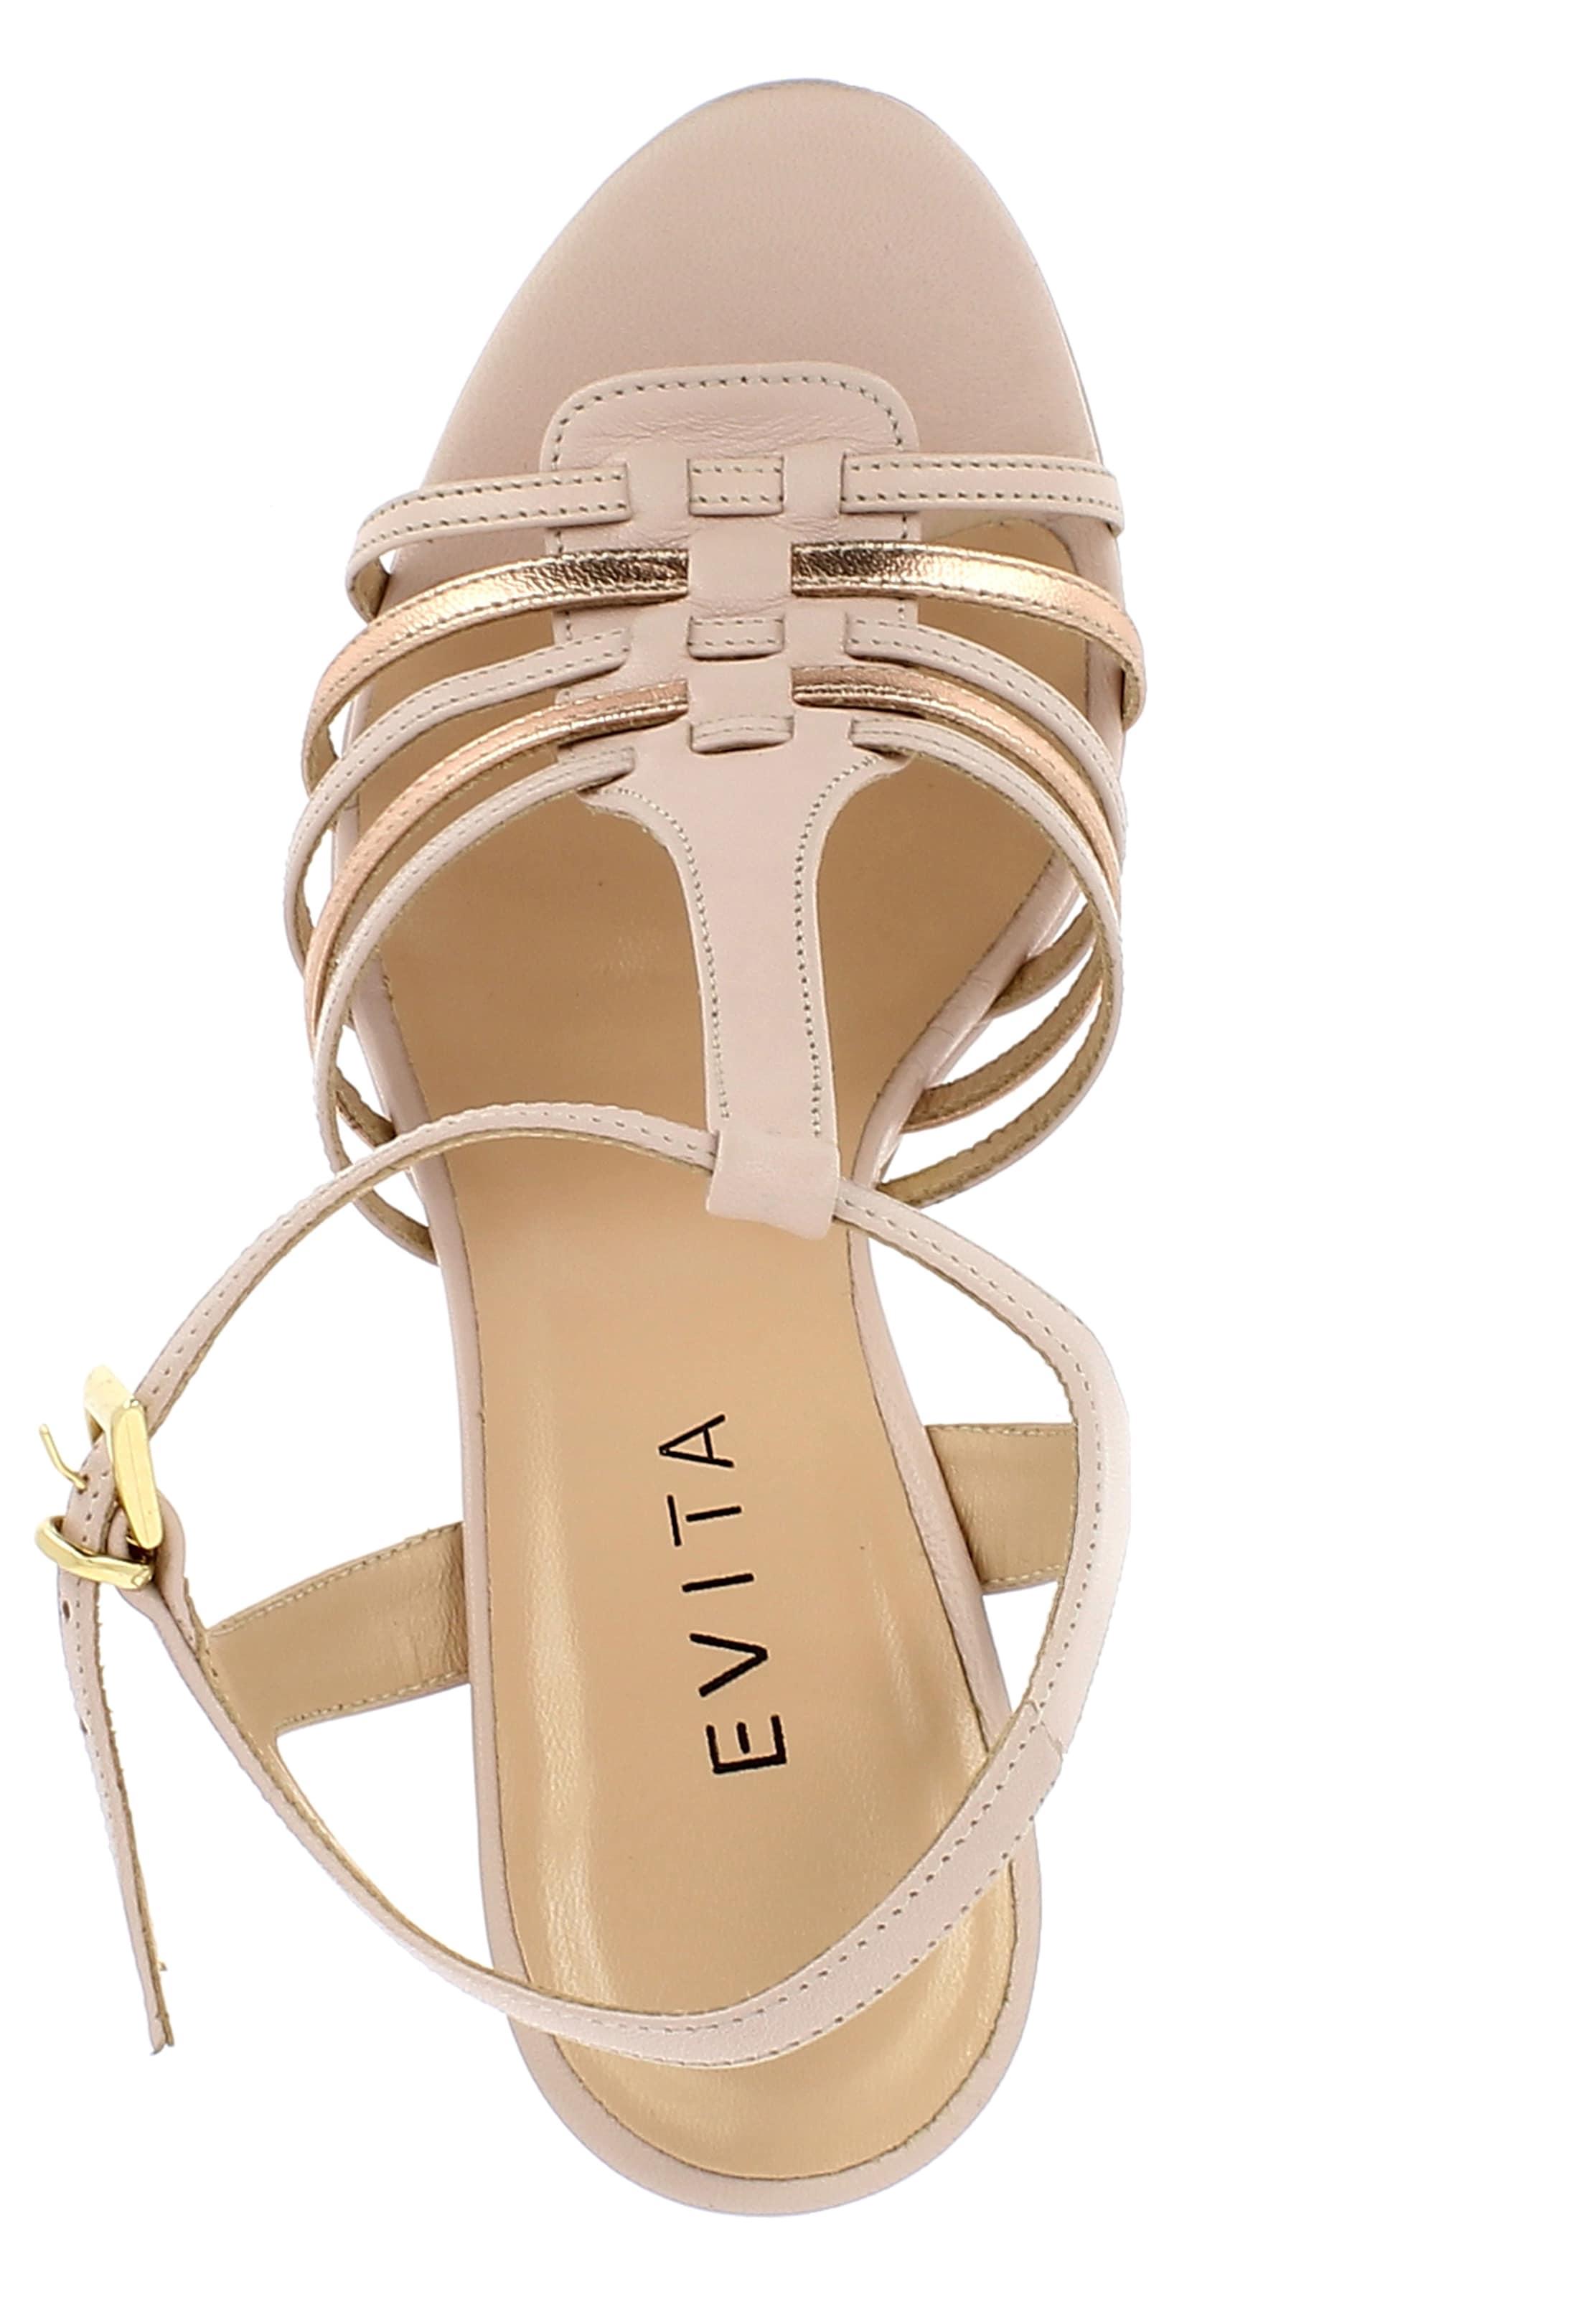 Sandalette Damen Evita Evita Damen Sandalette Altrosa In In trsBQxhdCo